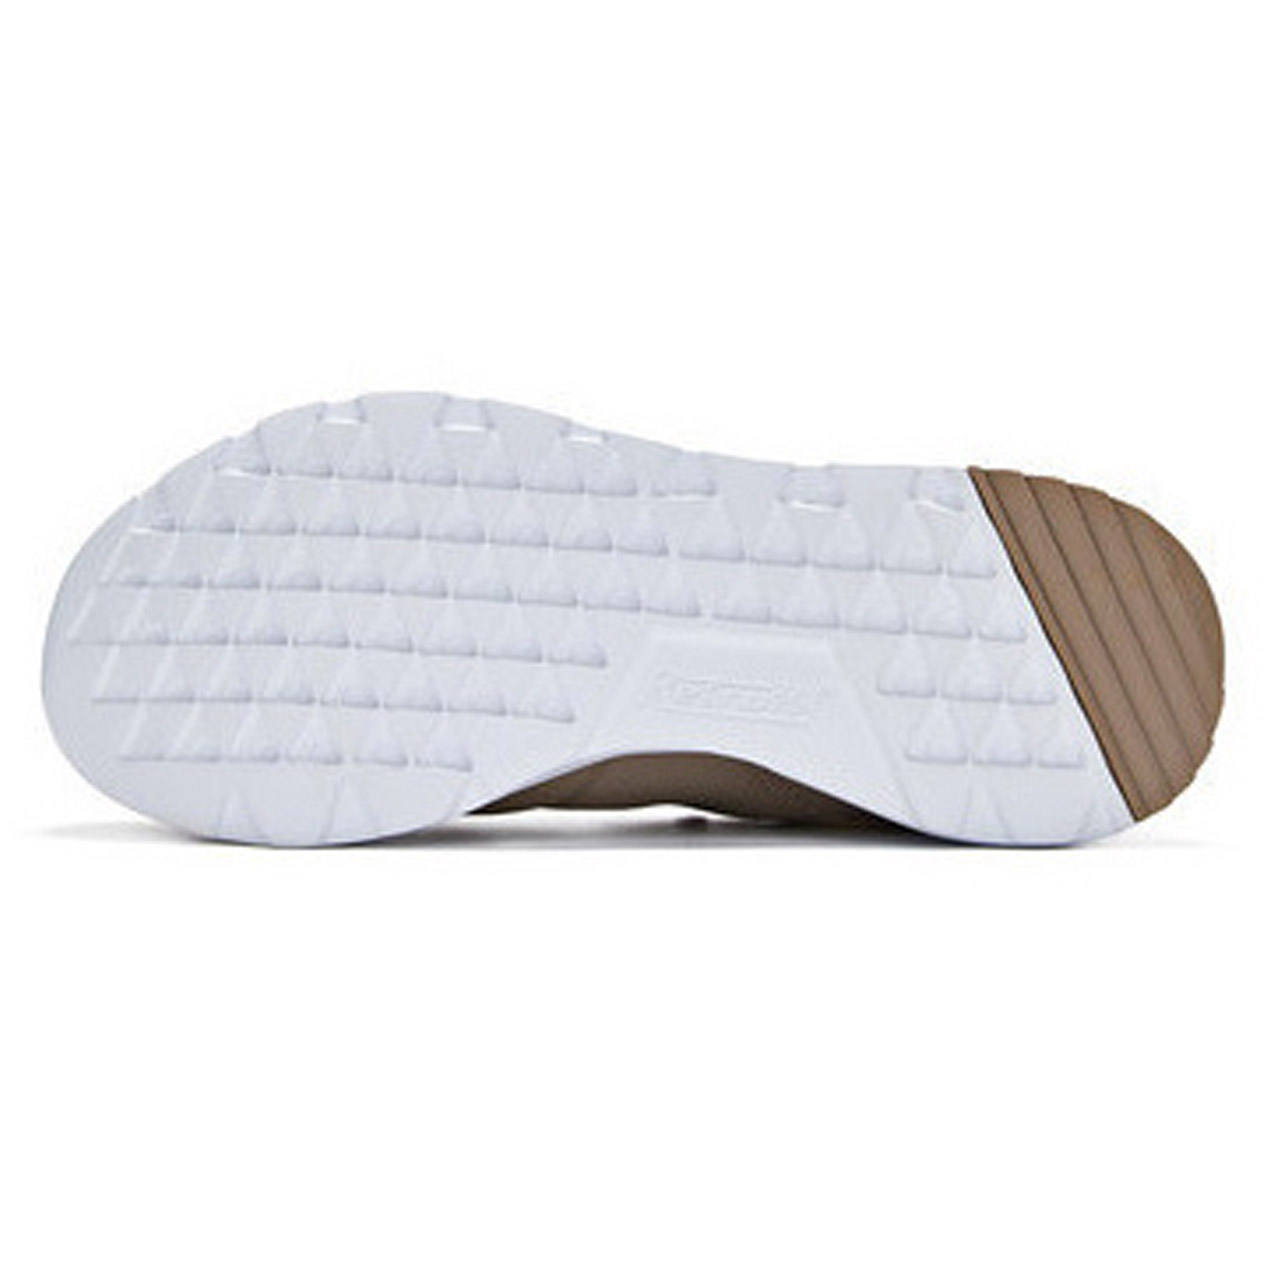 کفش مخصوص پیاده روی مردانه 361 درجه مدل W571842239-7 -  - 2